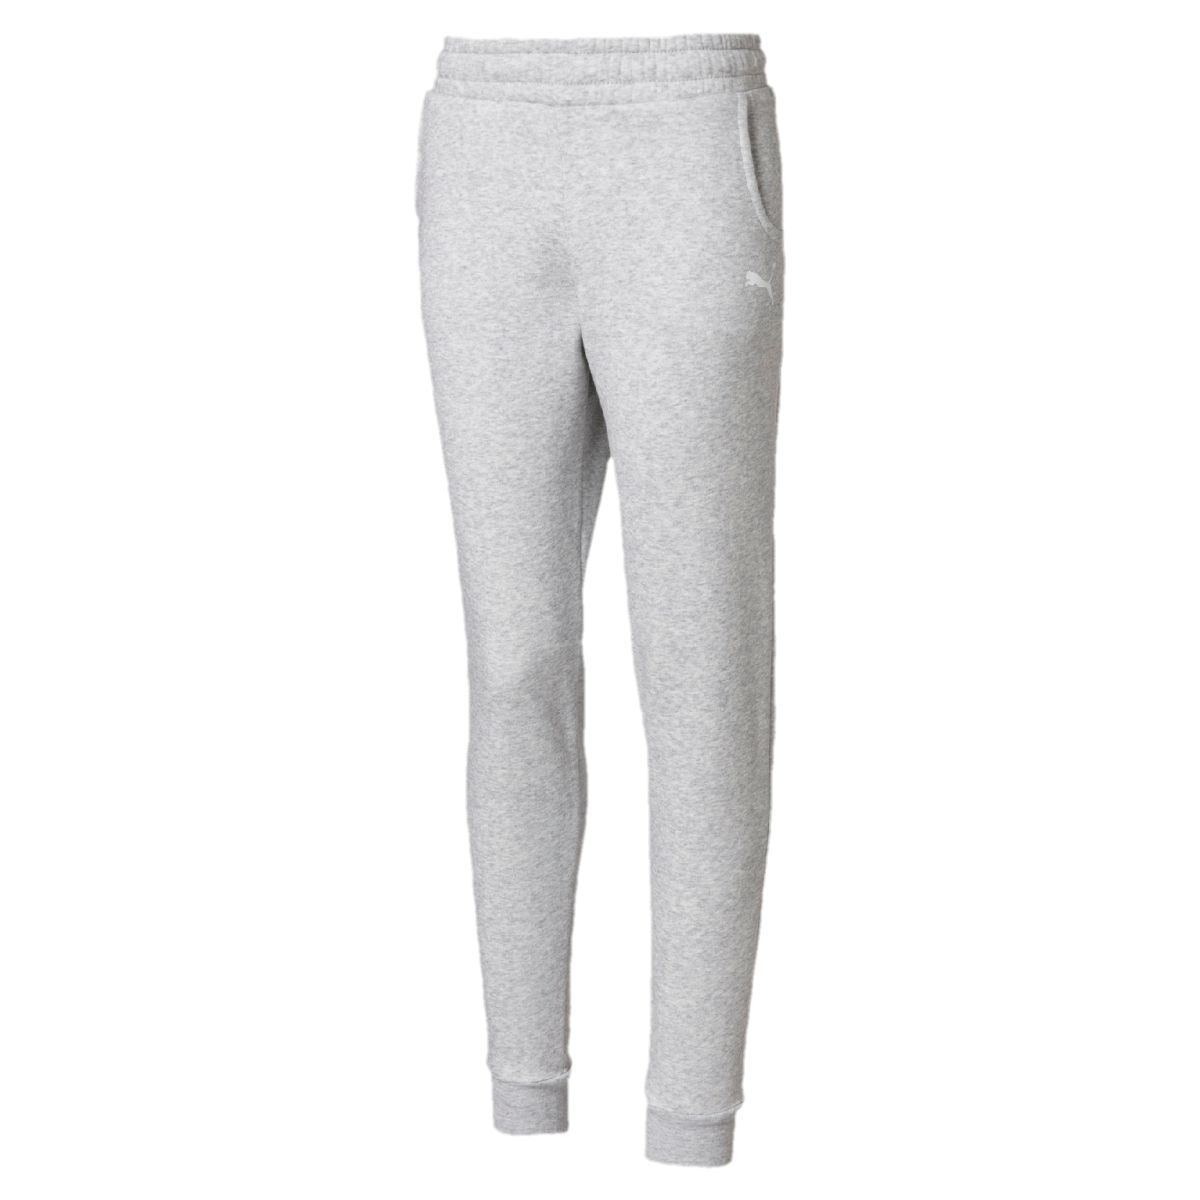 Брюки PUMA Alpha Sweat Pants недорго, оригинальная цена